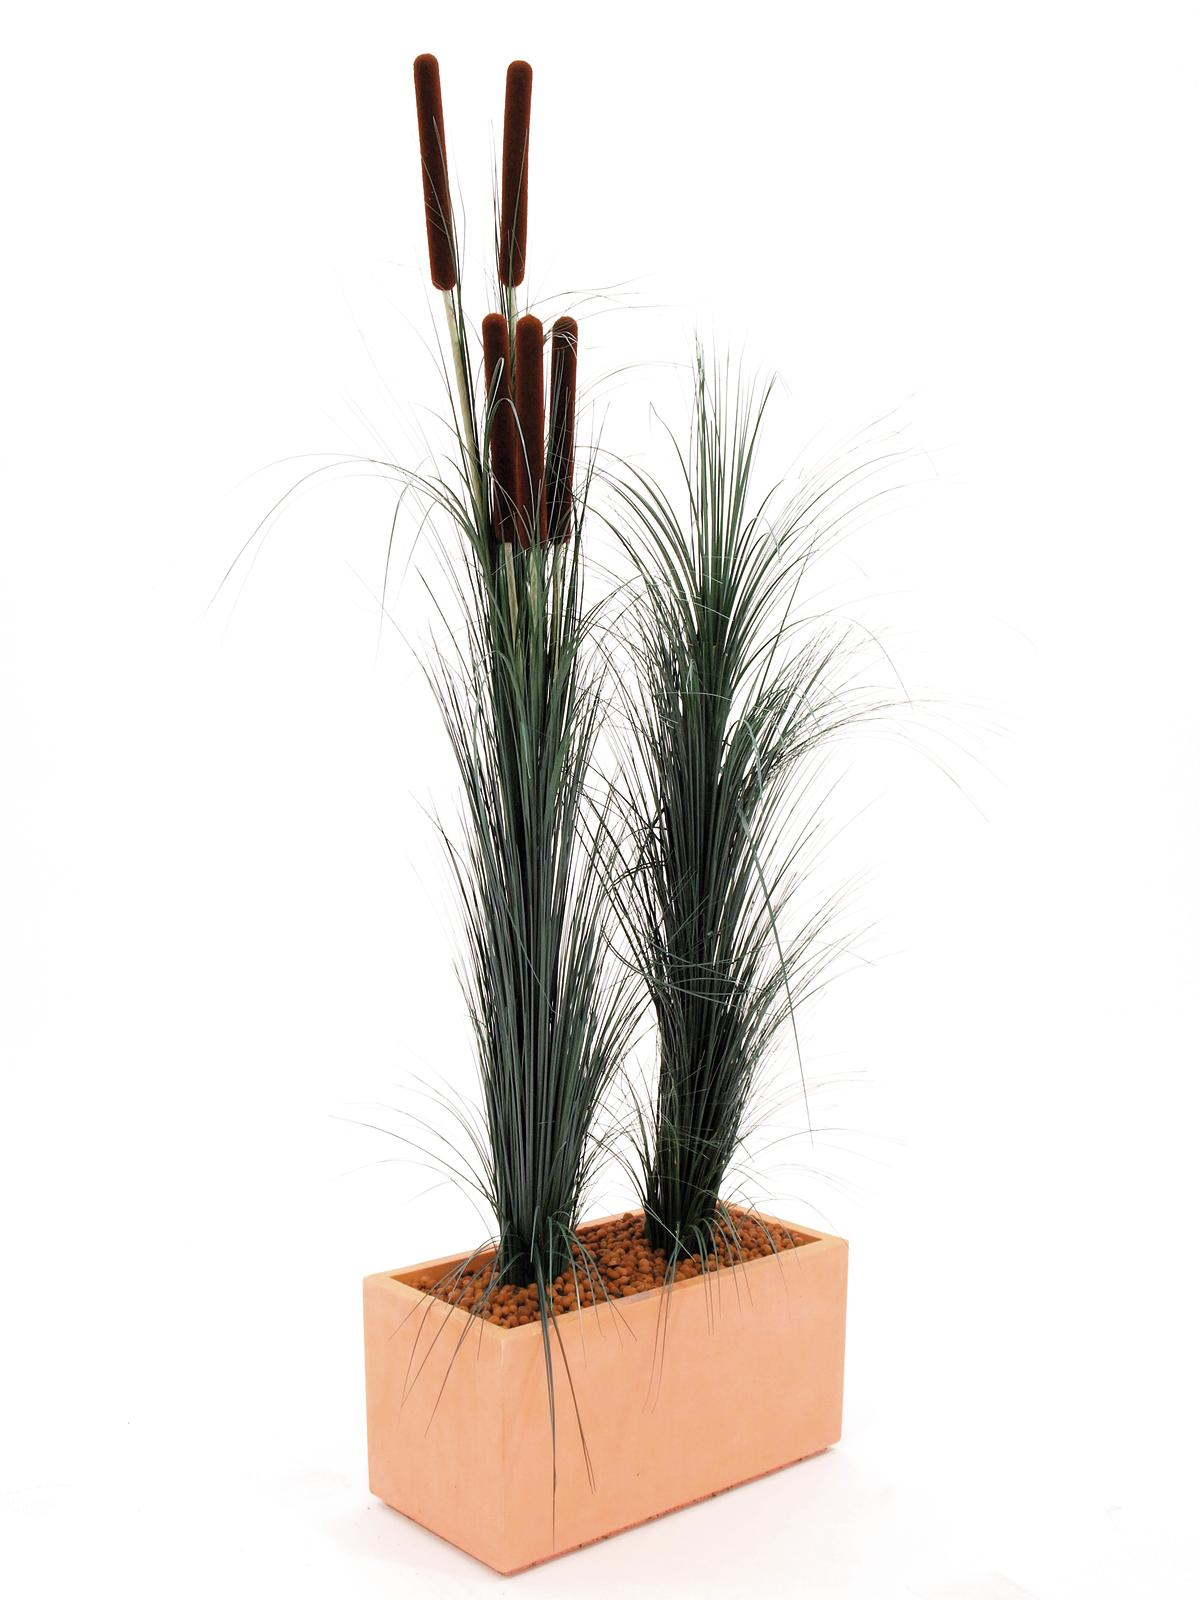 EUROPALMS Pianta artificiale Canna di erba con tife colore verde scuro,152 cm